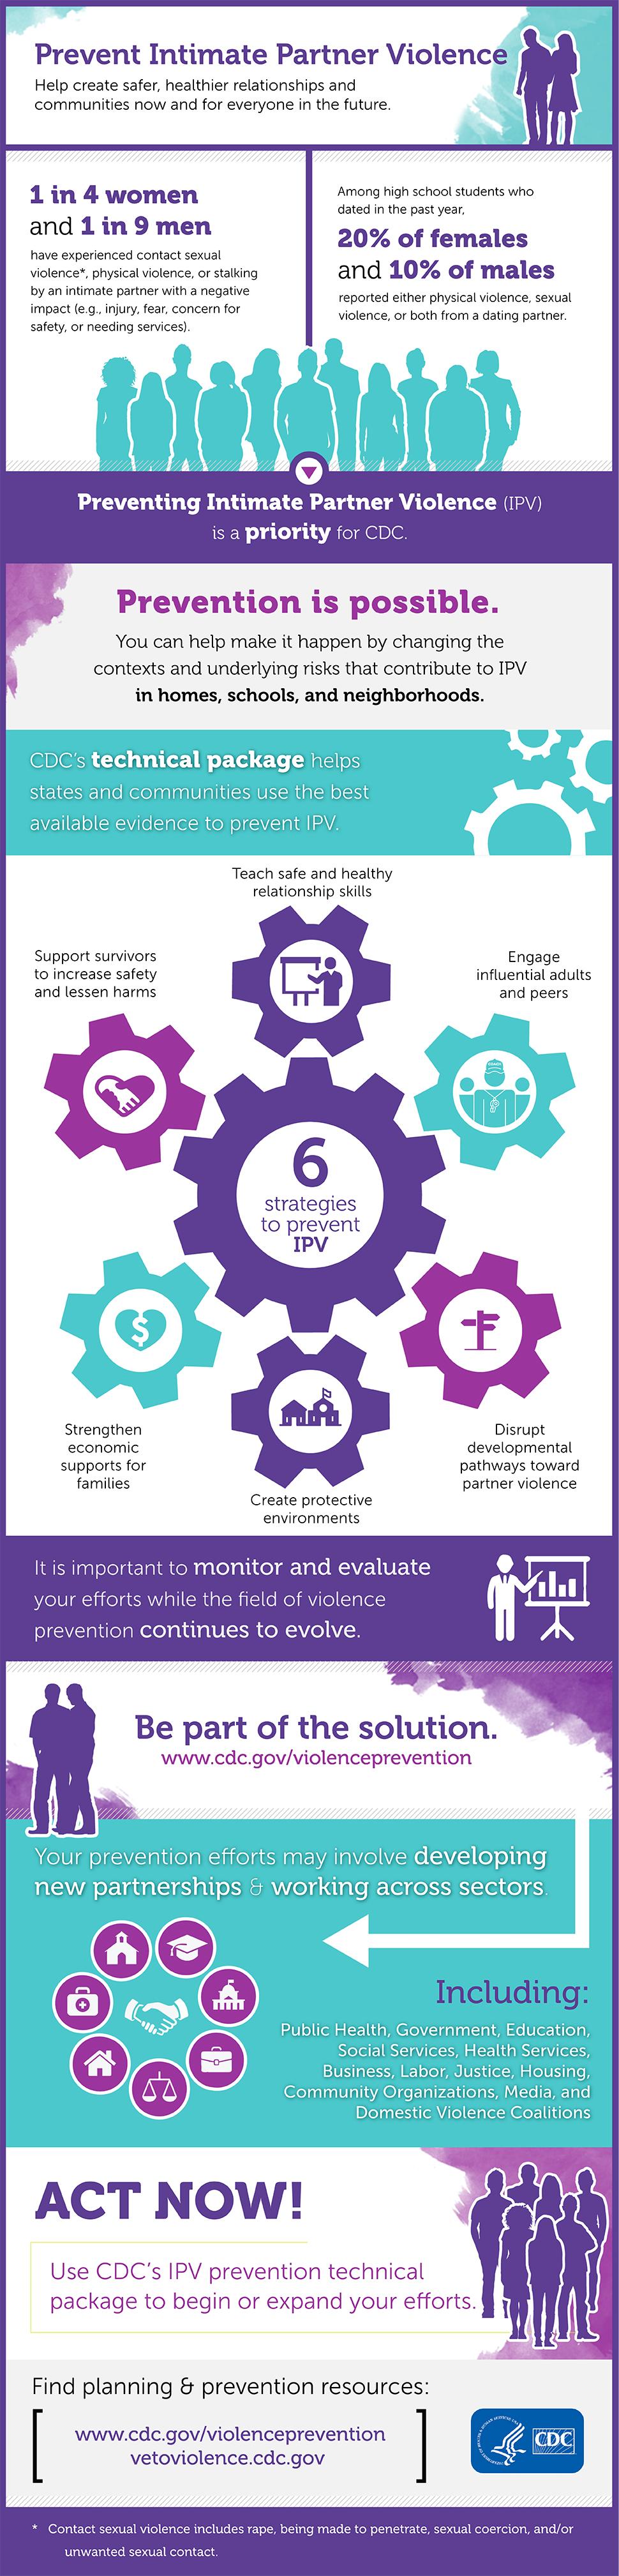 ipv-prevention-infographic.jpg